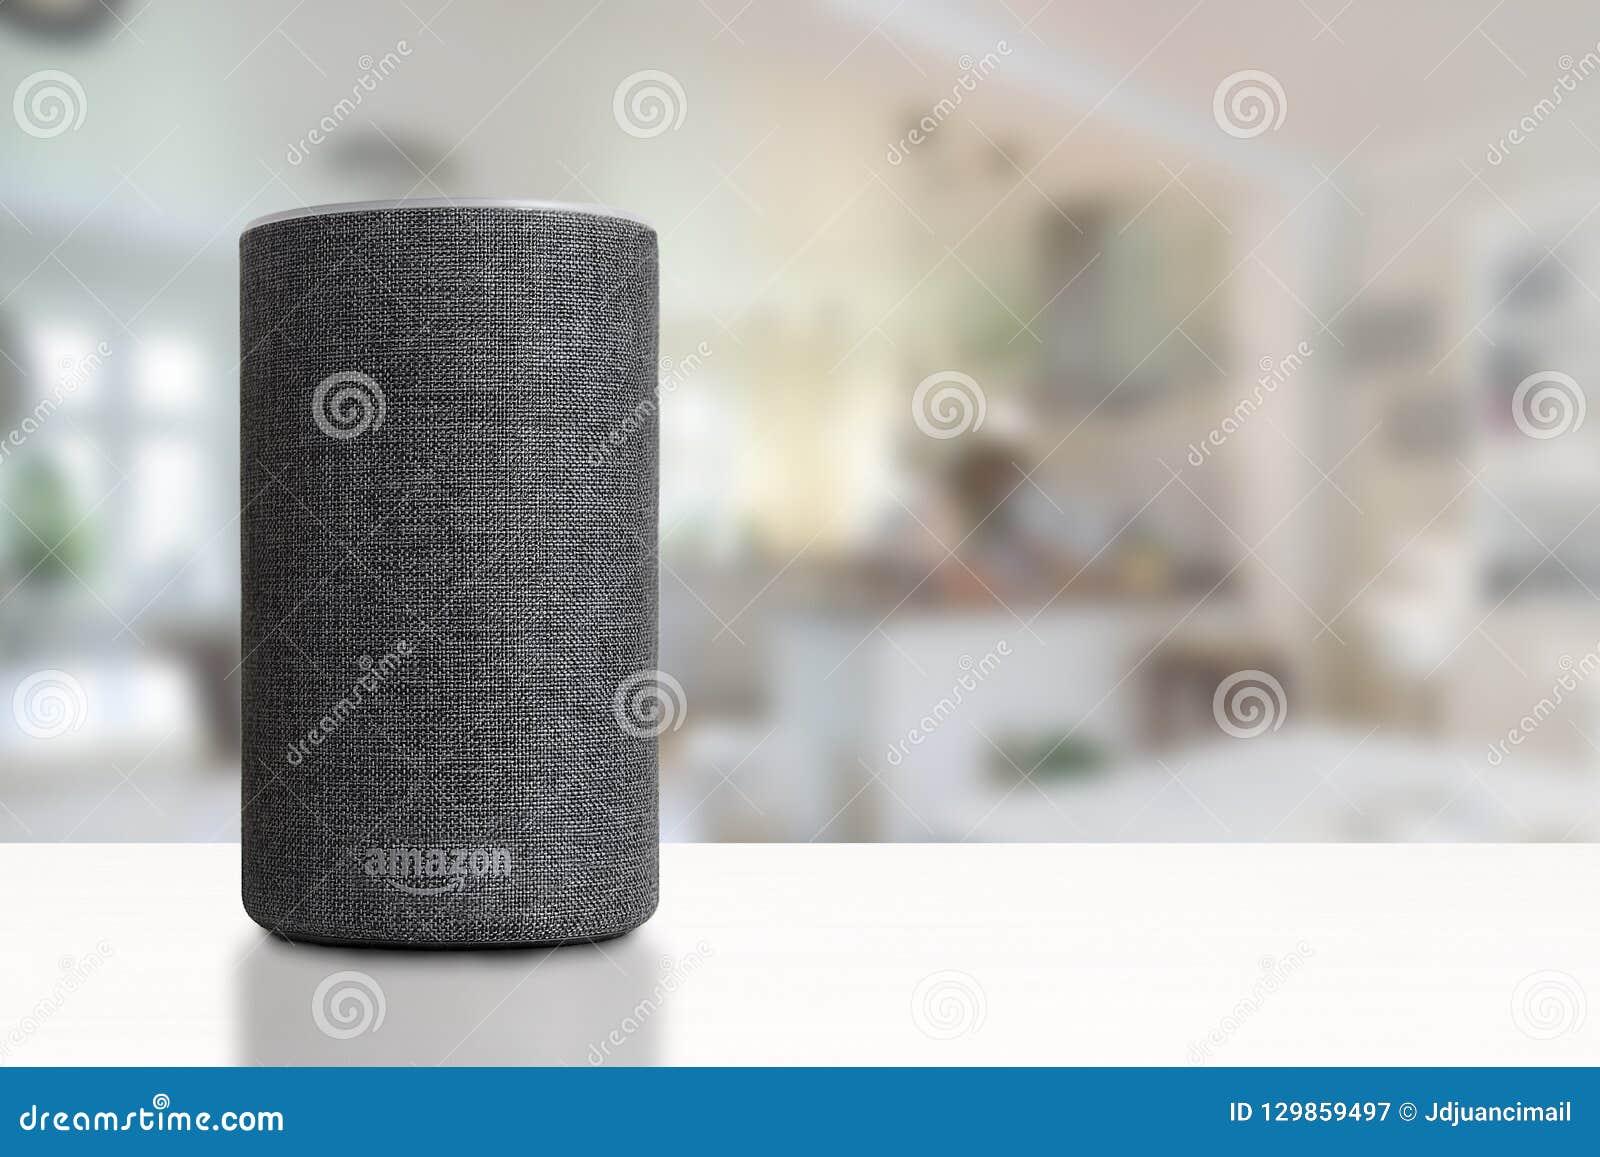 BARCELONA - OKTOBER 2018: Service Amazonas Echo Smart Home Alexa Voice in einem Wohnzimmer